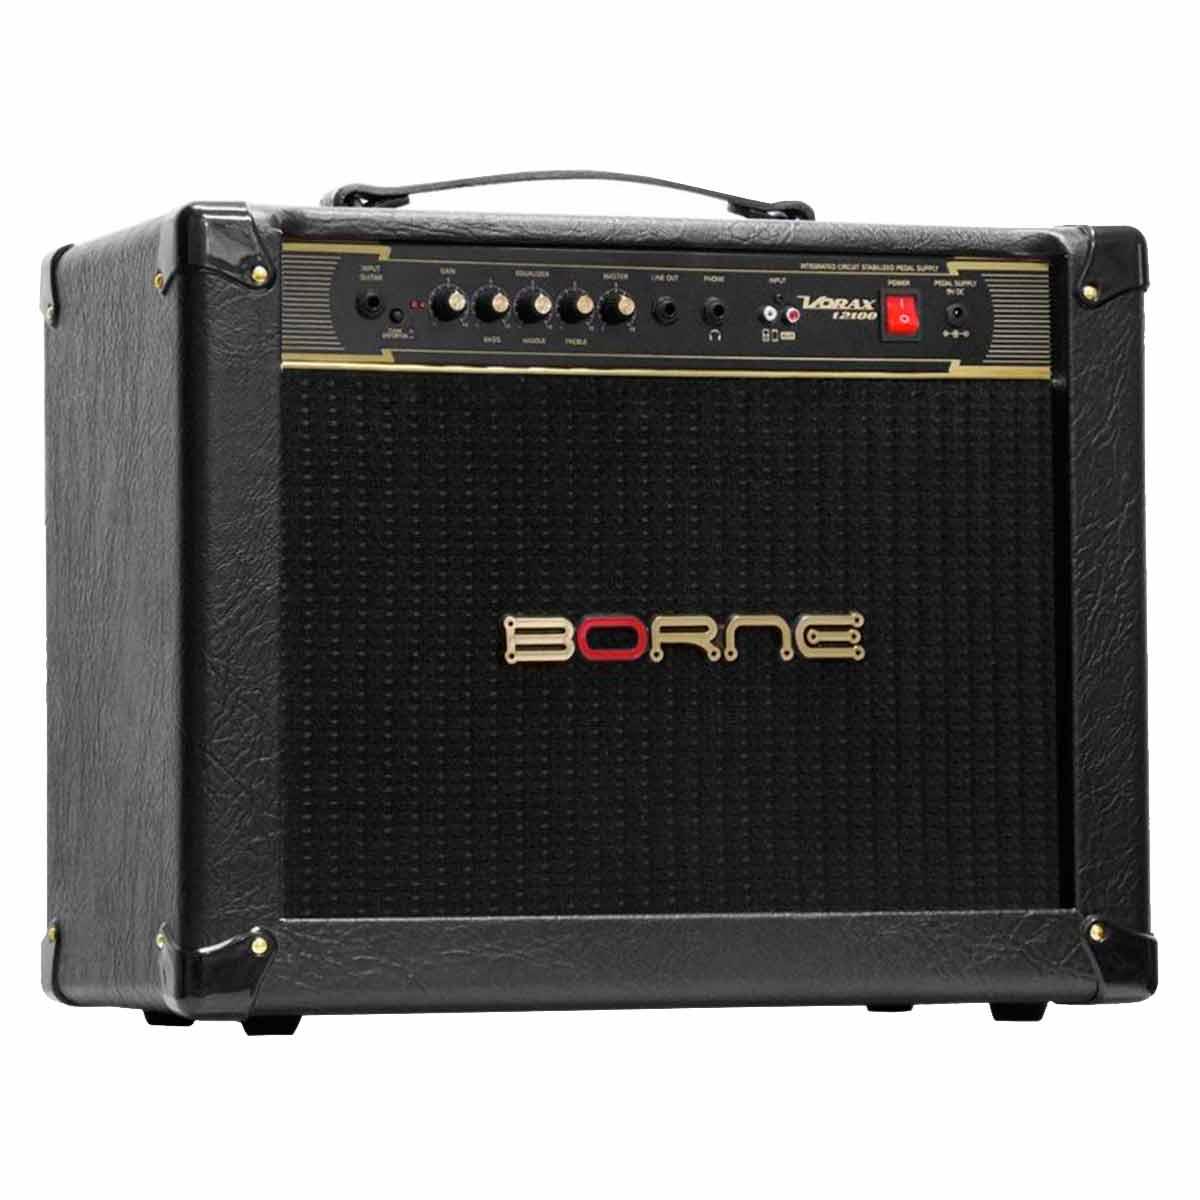 Vorax12100 - Amplificador Combo p/ Guitarra 100W Vorax 12100 Preto - Borne